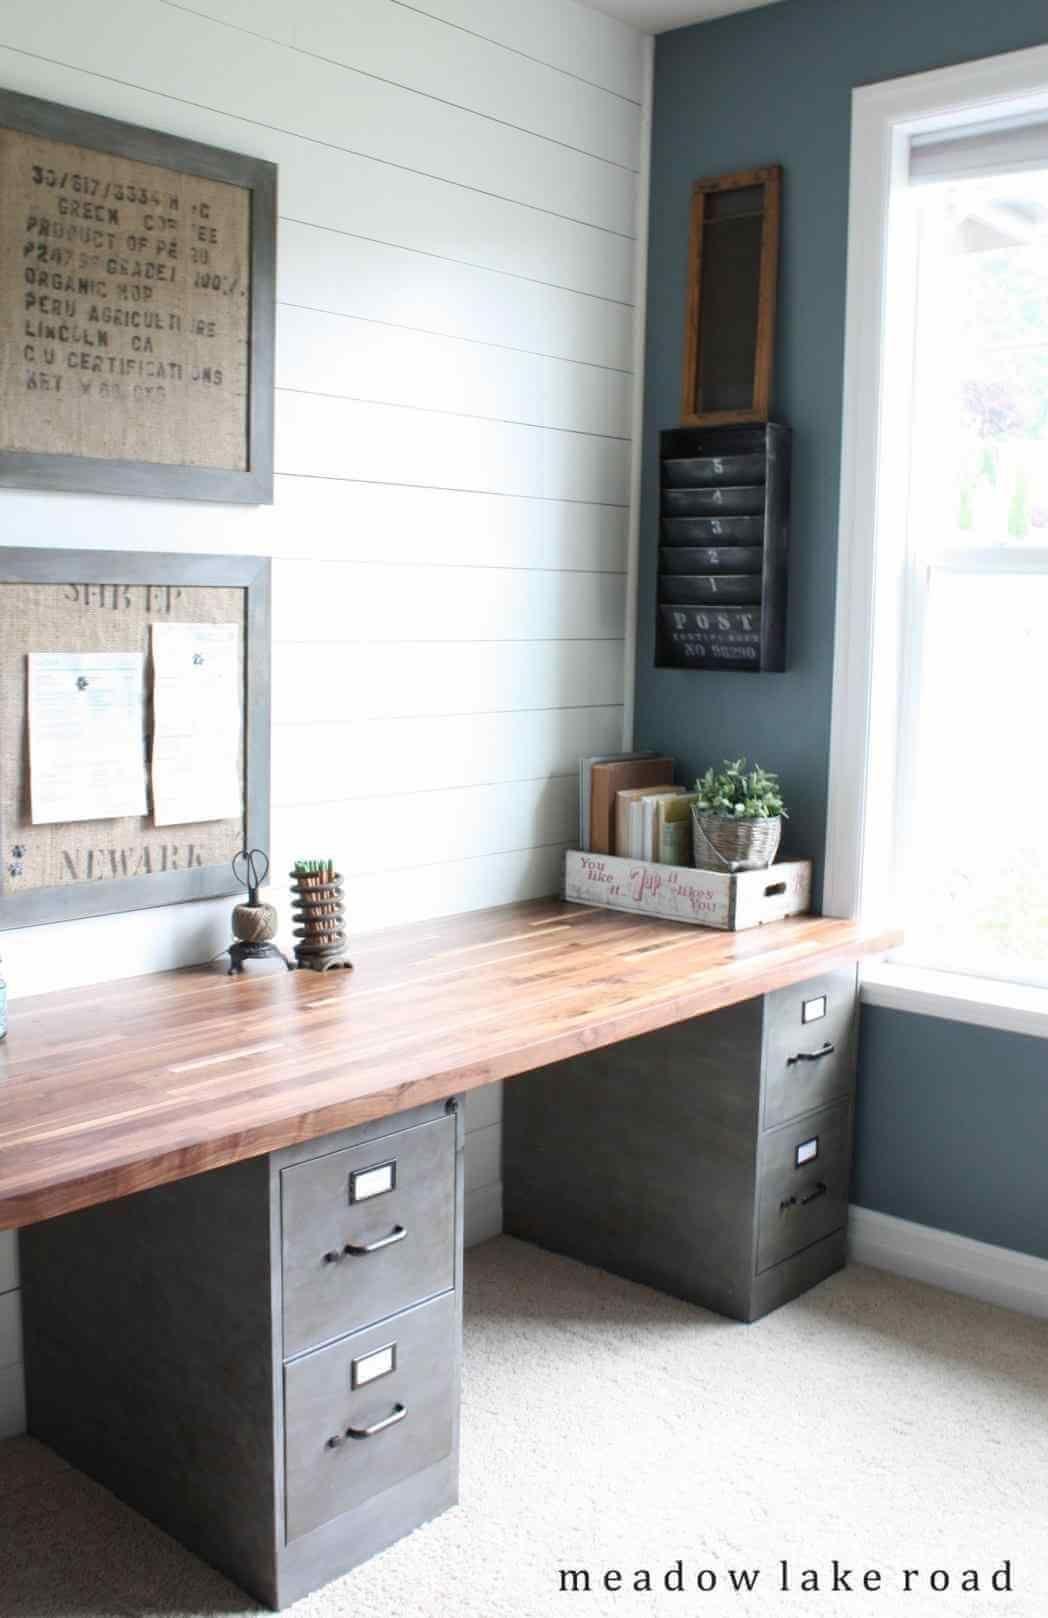 36 Industrial Home Decor Ideen, die Sie in diesen Stil verlieben - Einrichtungs Ideen #falldecorideasforthehome